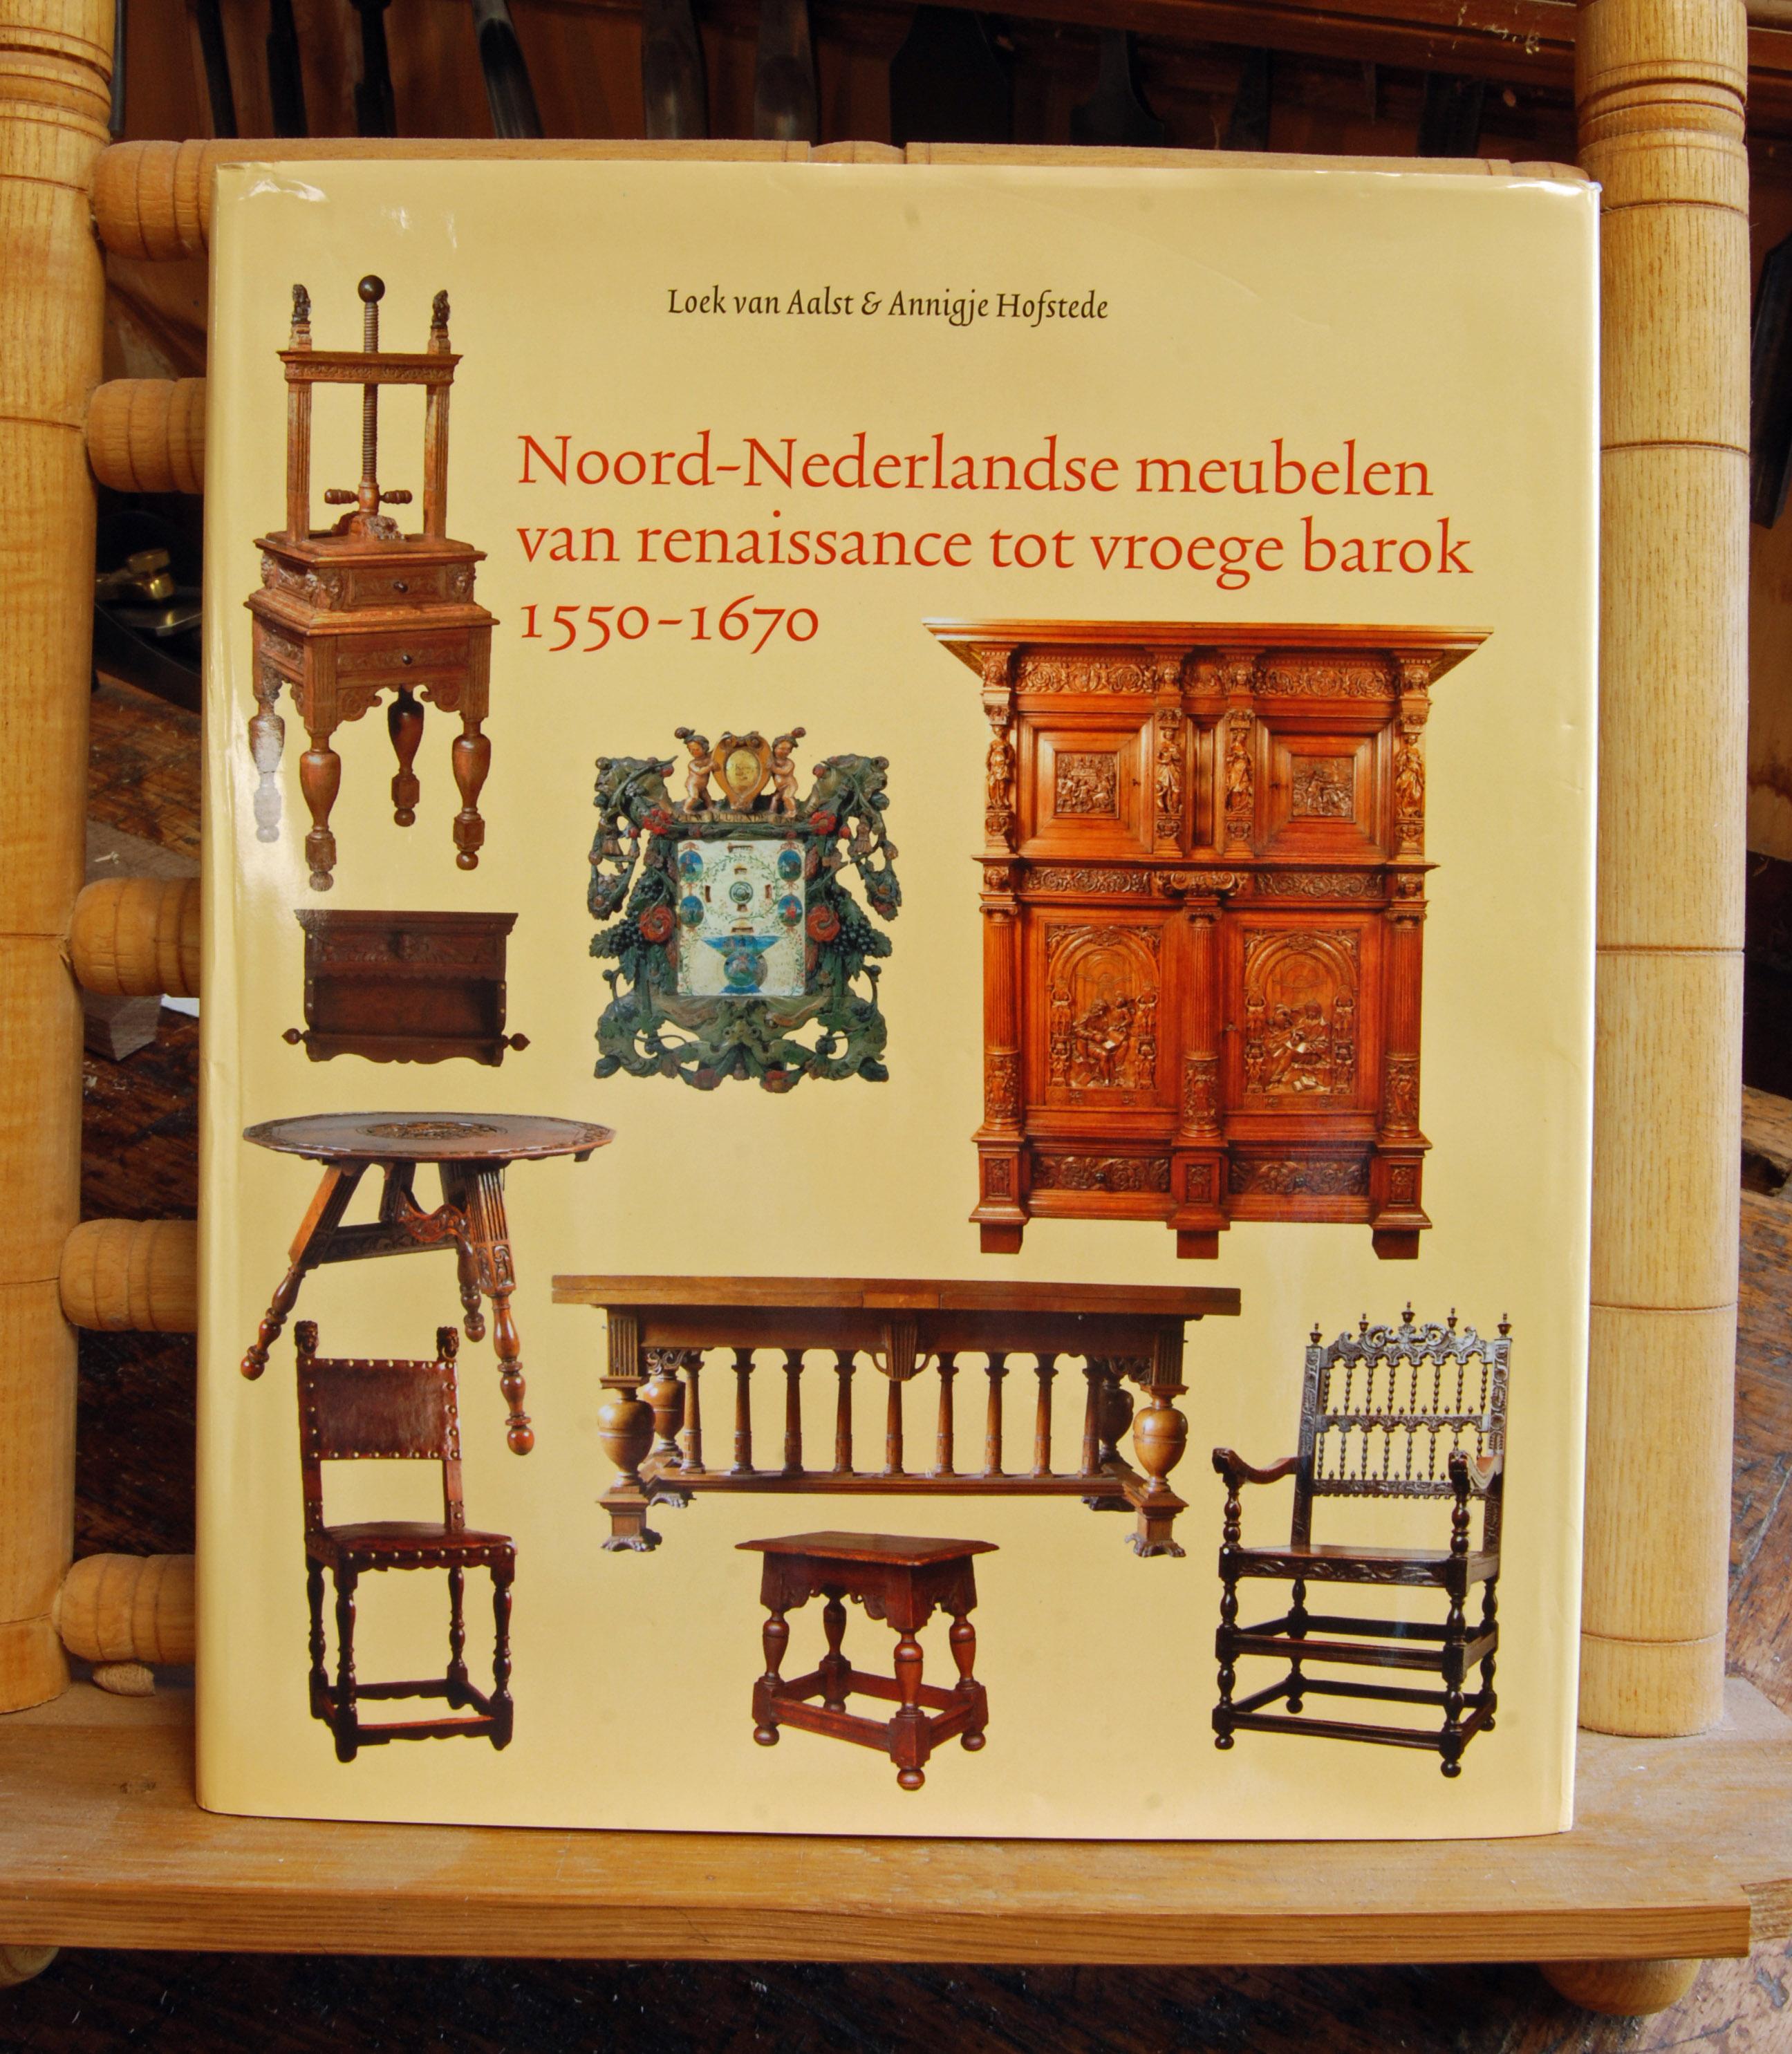 17th century Dutch furniture